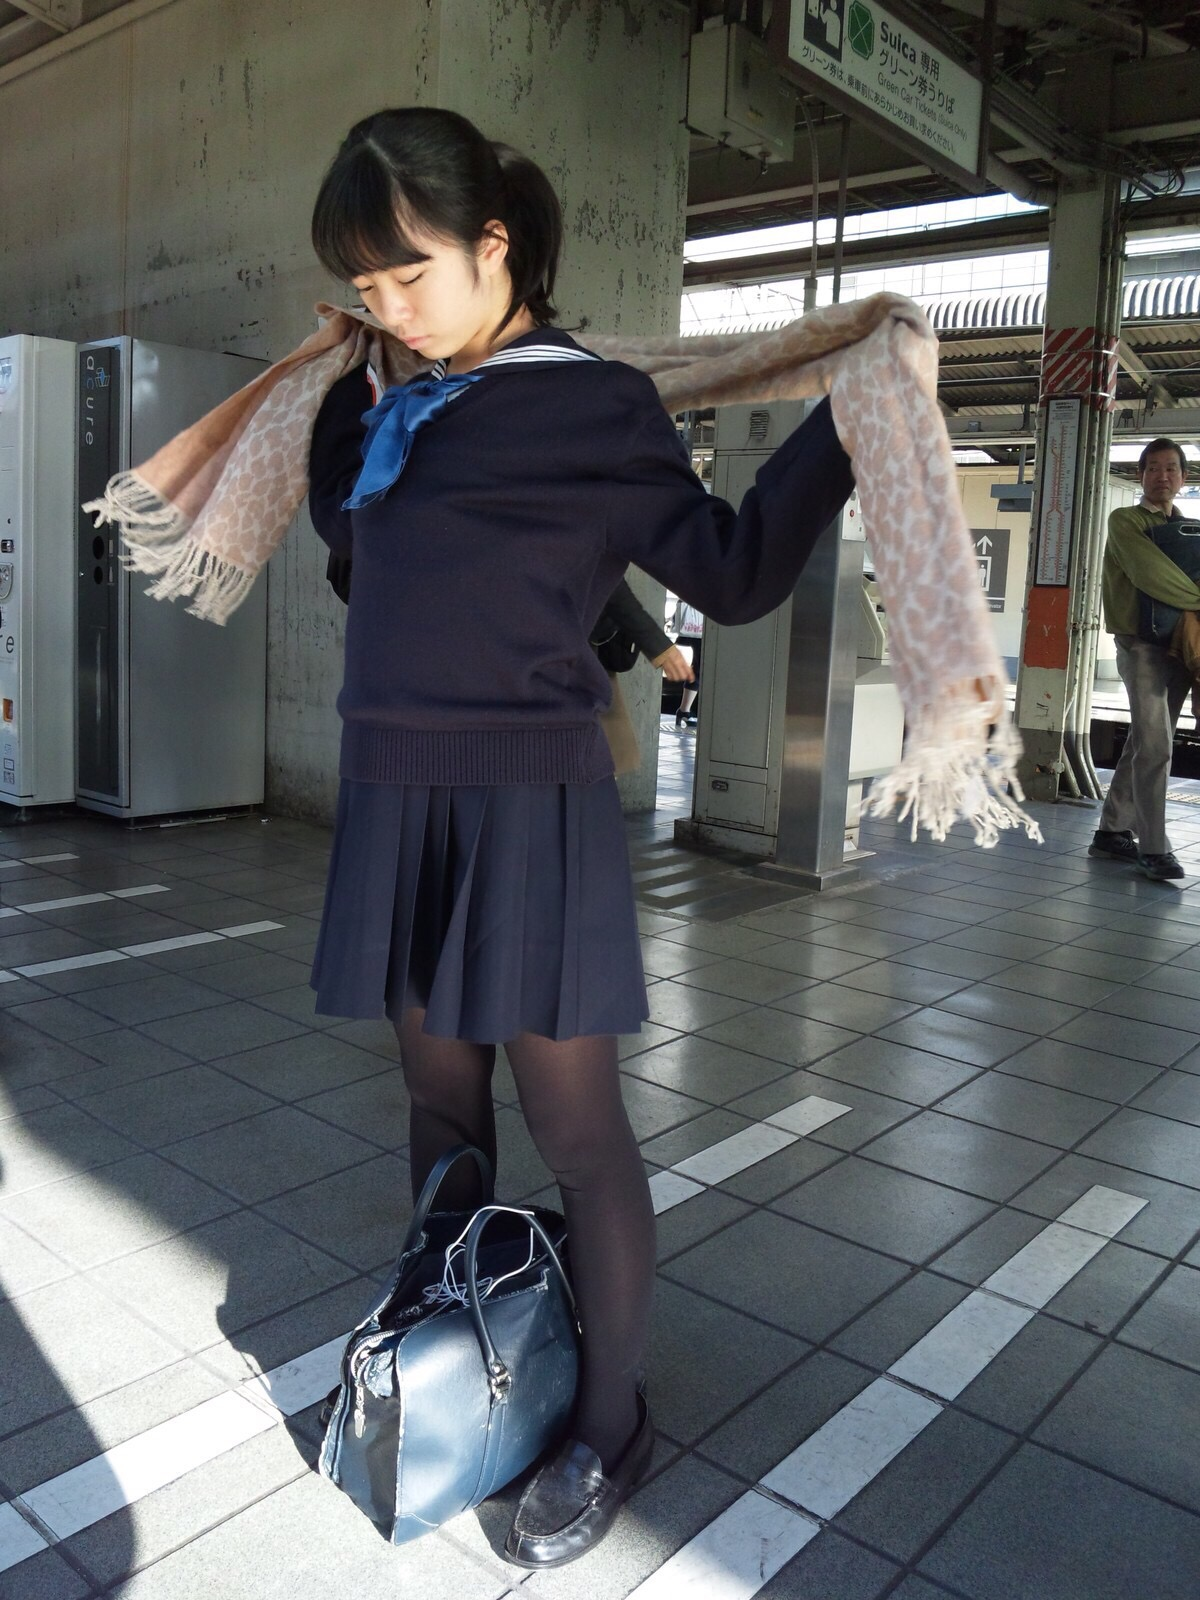 こんなJK達と手を繋いで通学する青春を送りたかった陰キャの妄想街撮り画像wwwwwwww ePfTQta